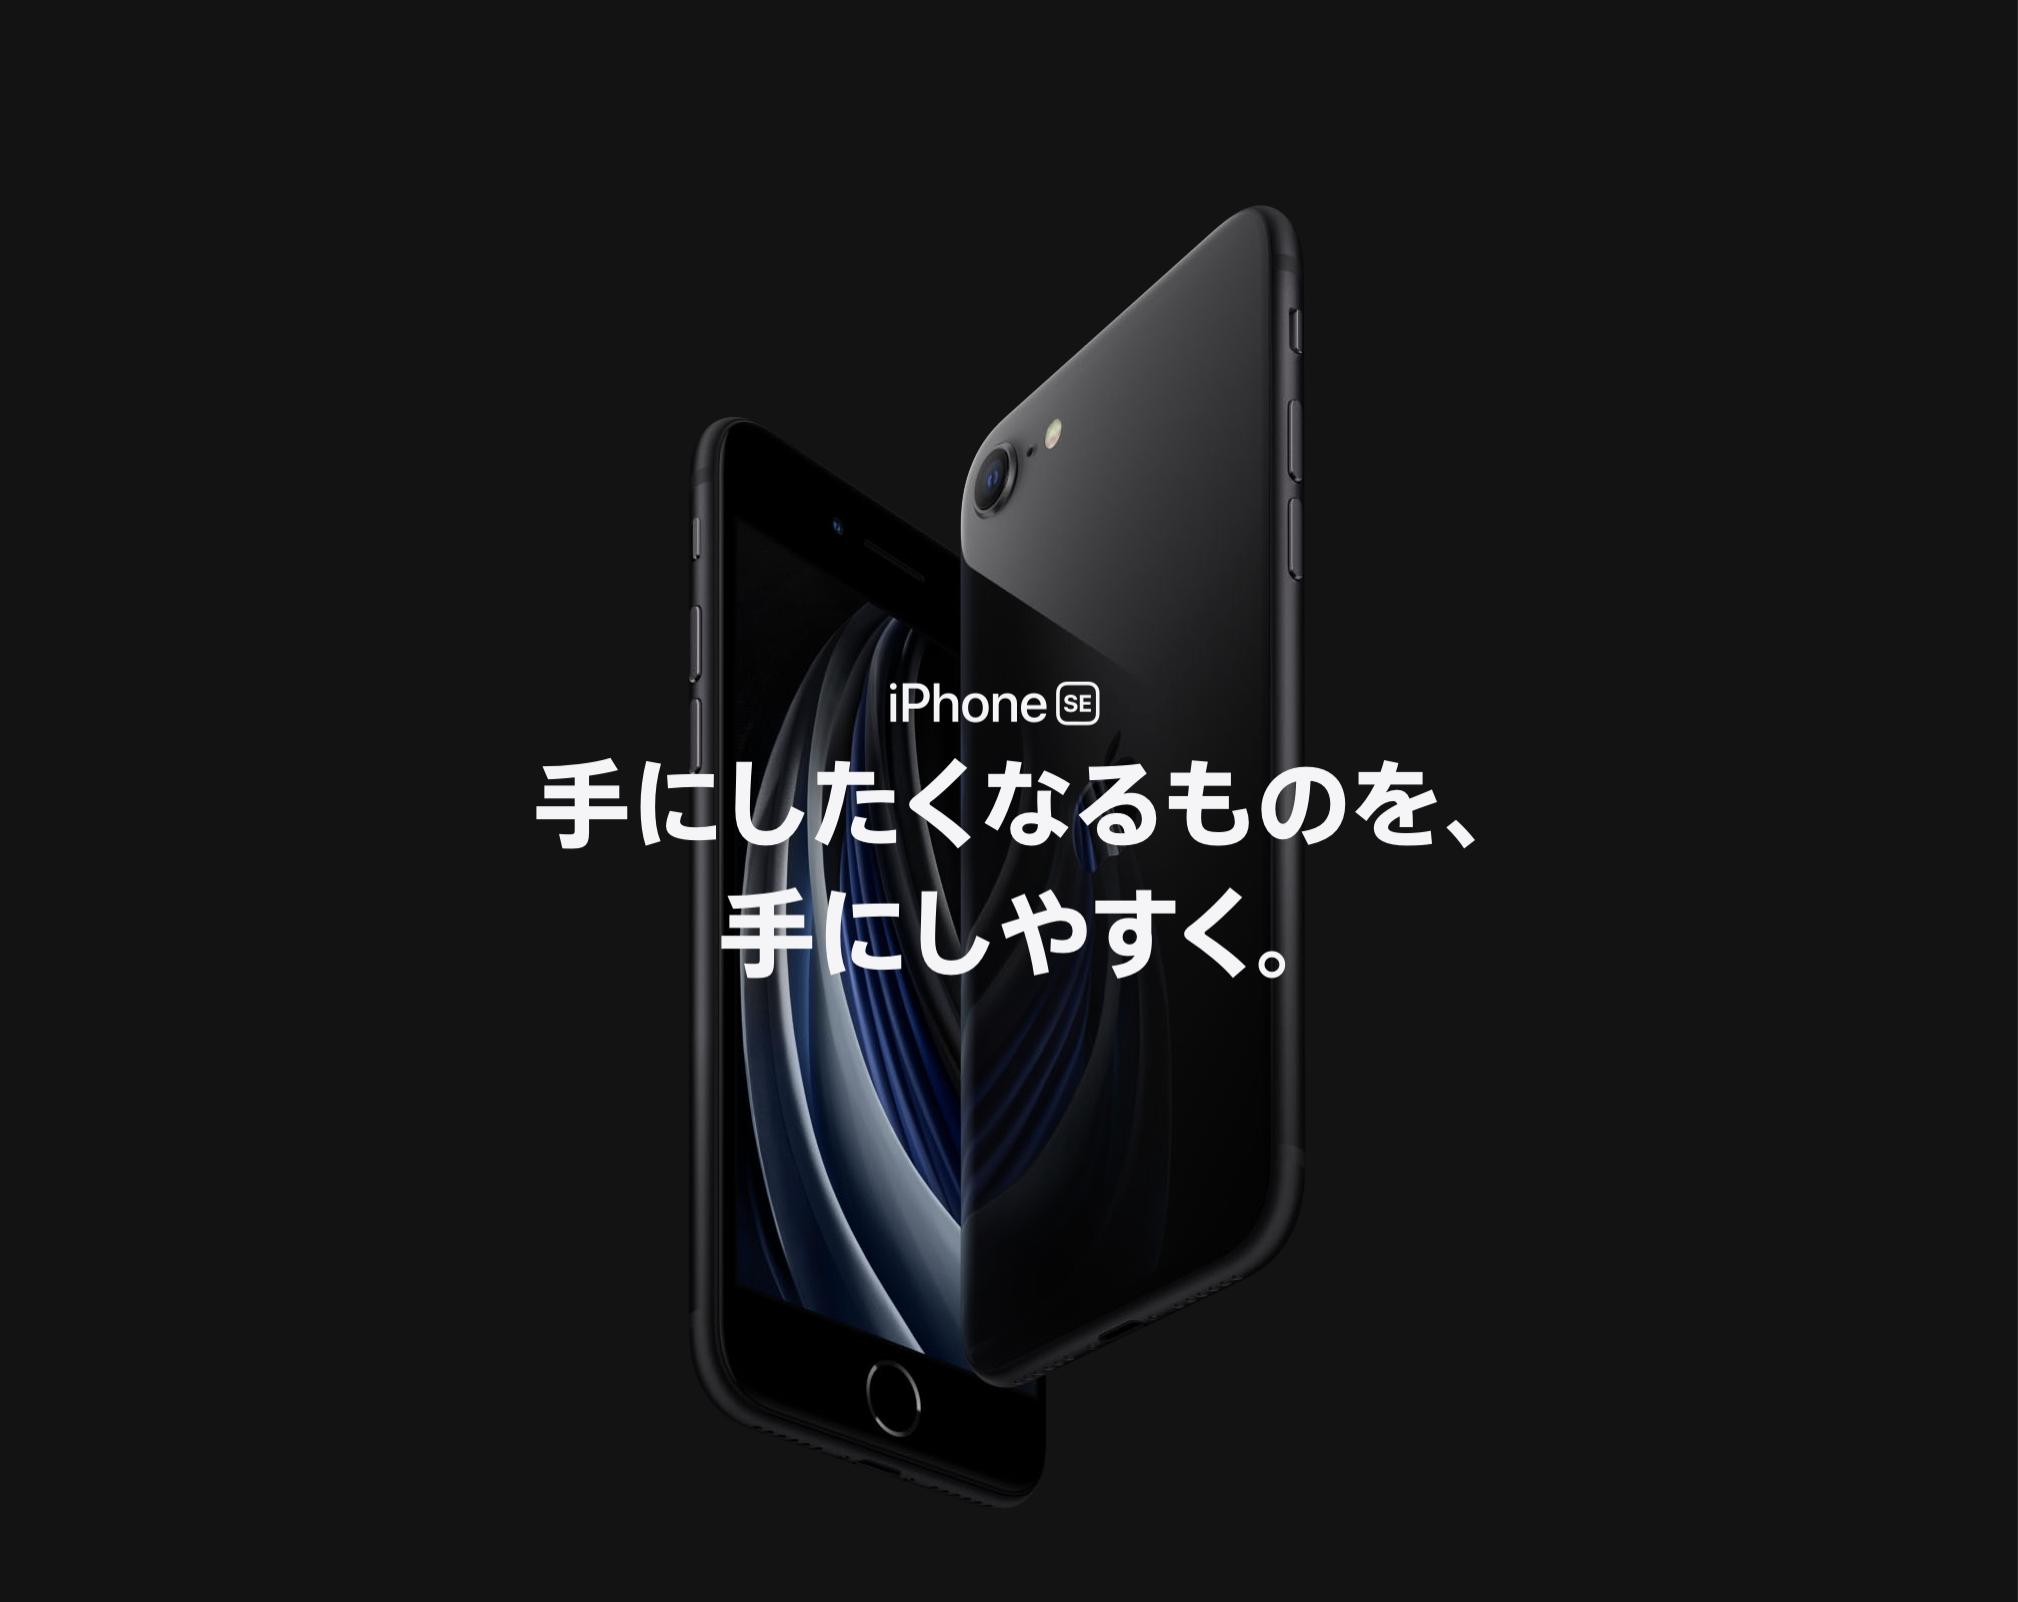 2020年]新型iPhone SE発表!発売日・予約開始日・スペック最新情報 ...